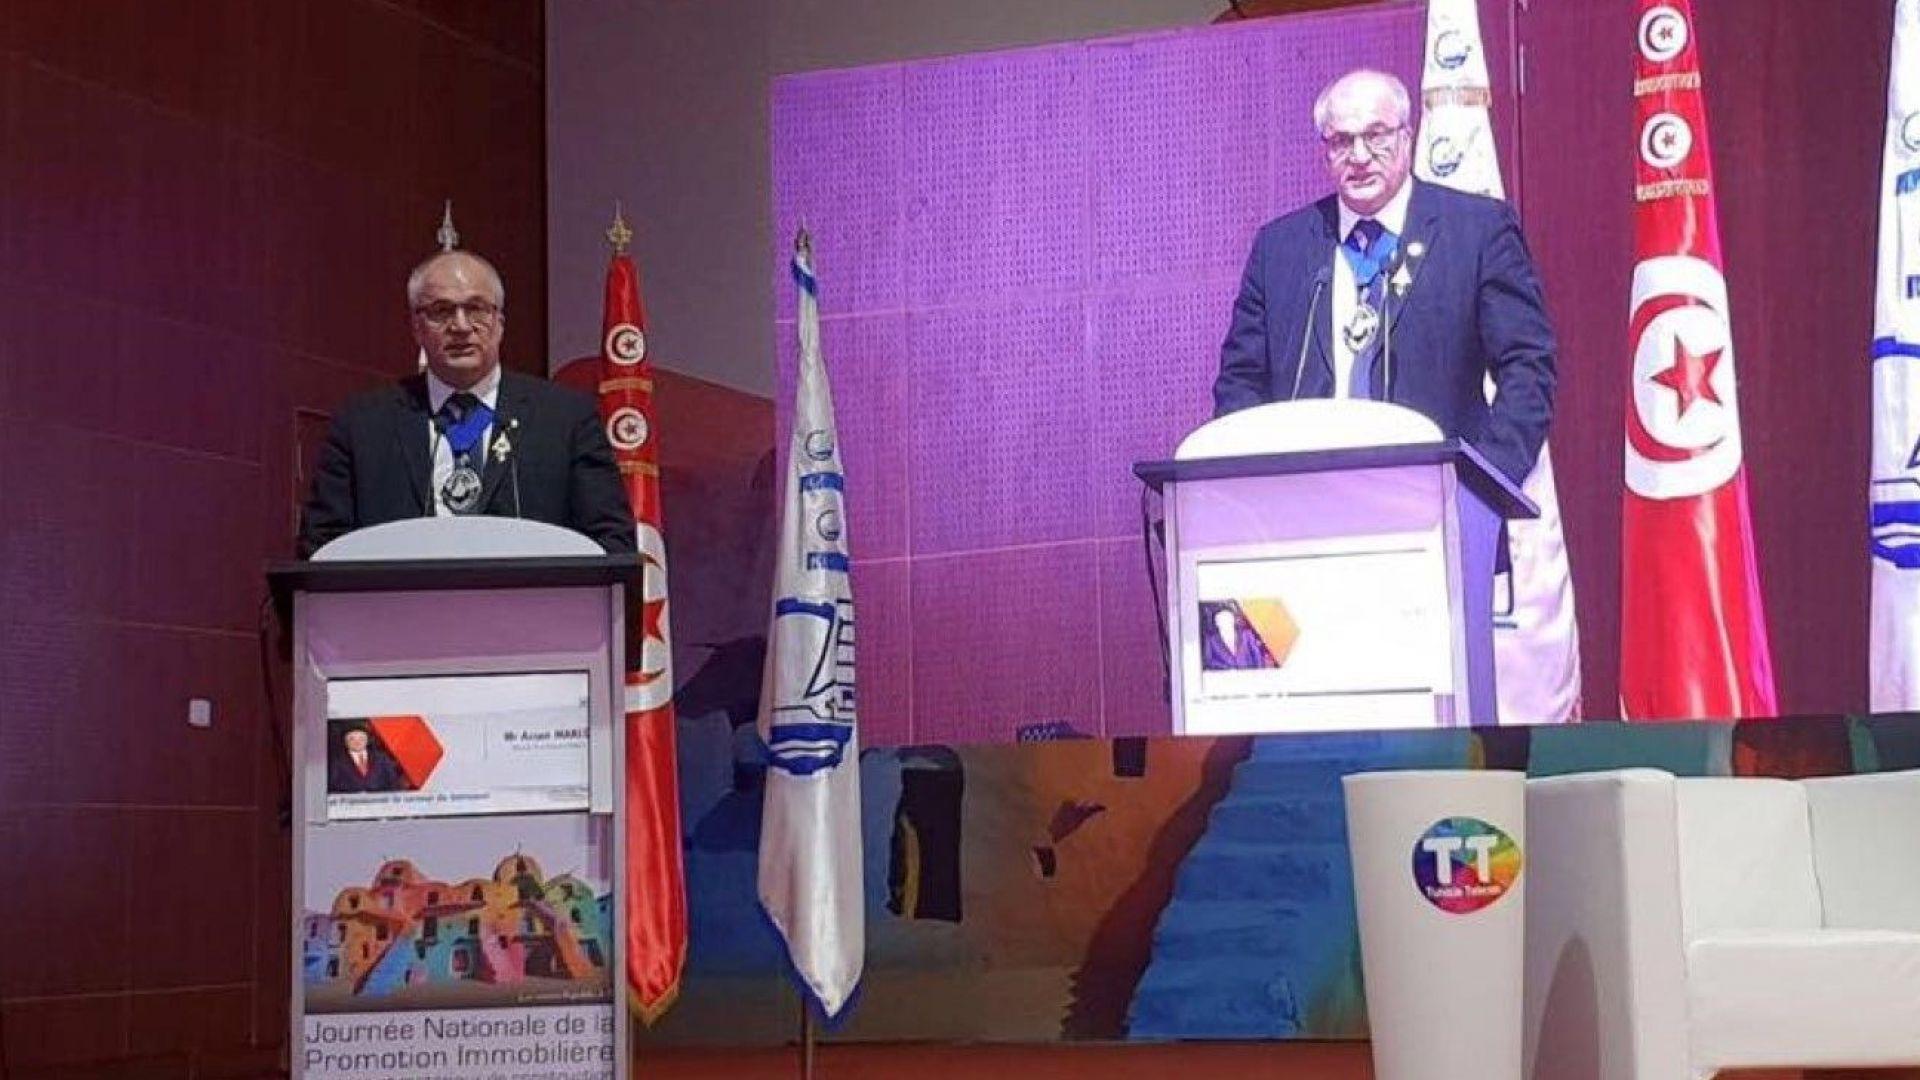 Българин е новият президент на световната федерация за недвижими имоти FIABCI